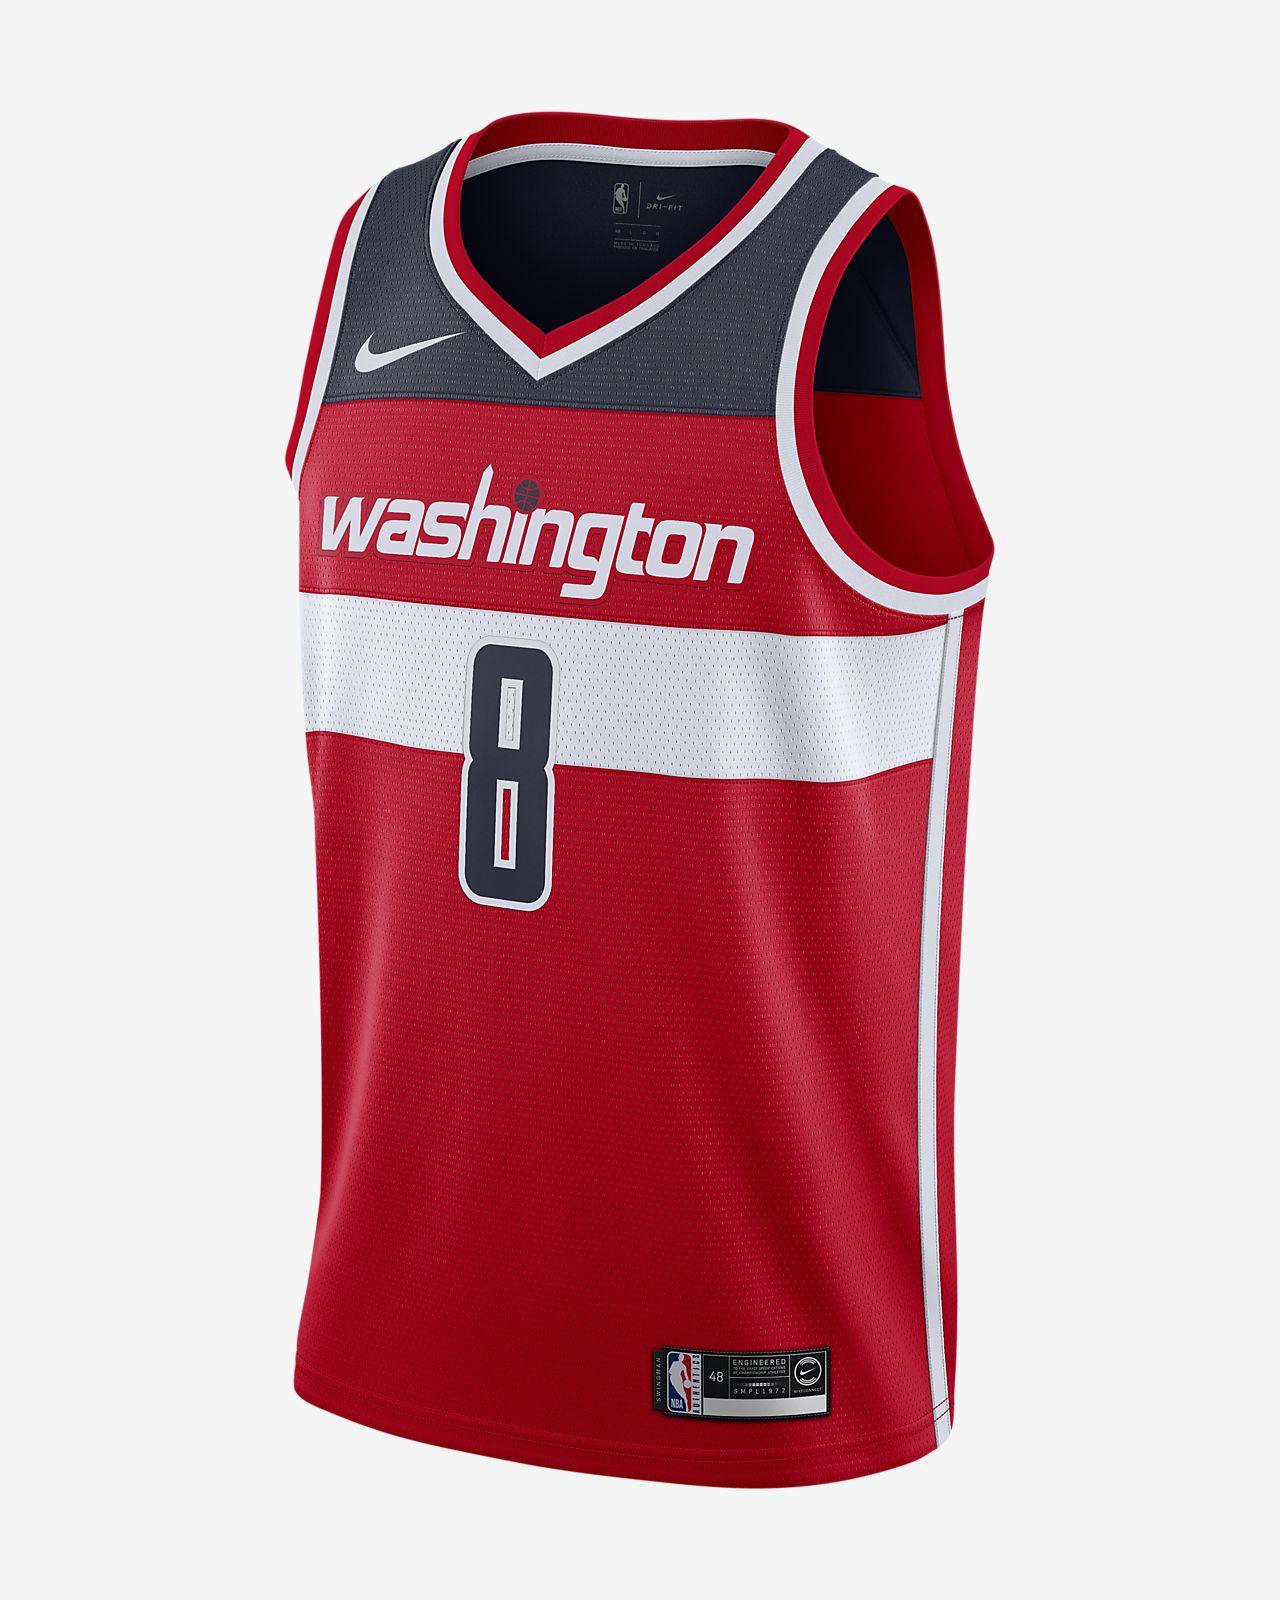 Męska koszulka NBA Swingman Nike Rui Hachimura Wizards Icon Edition